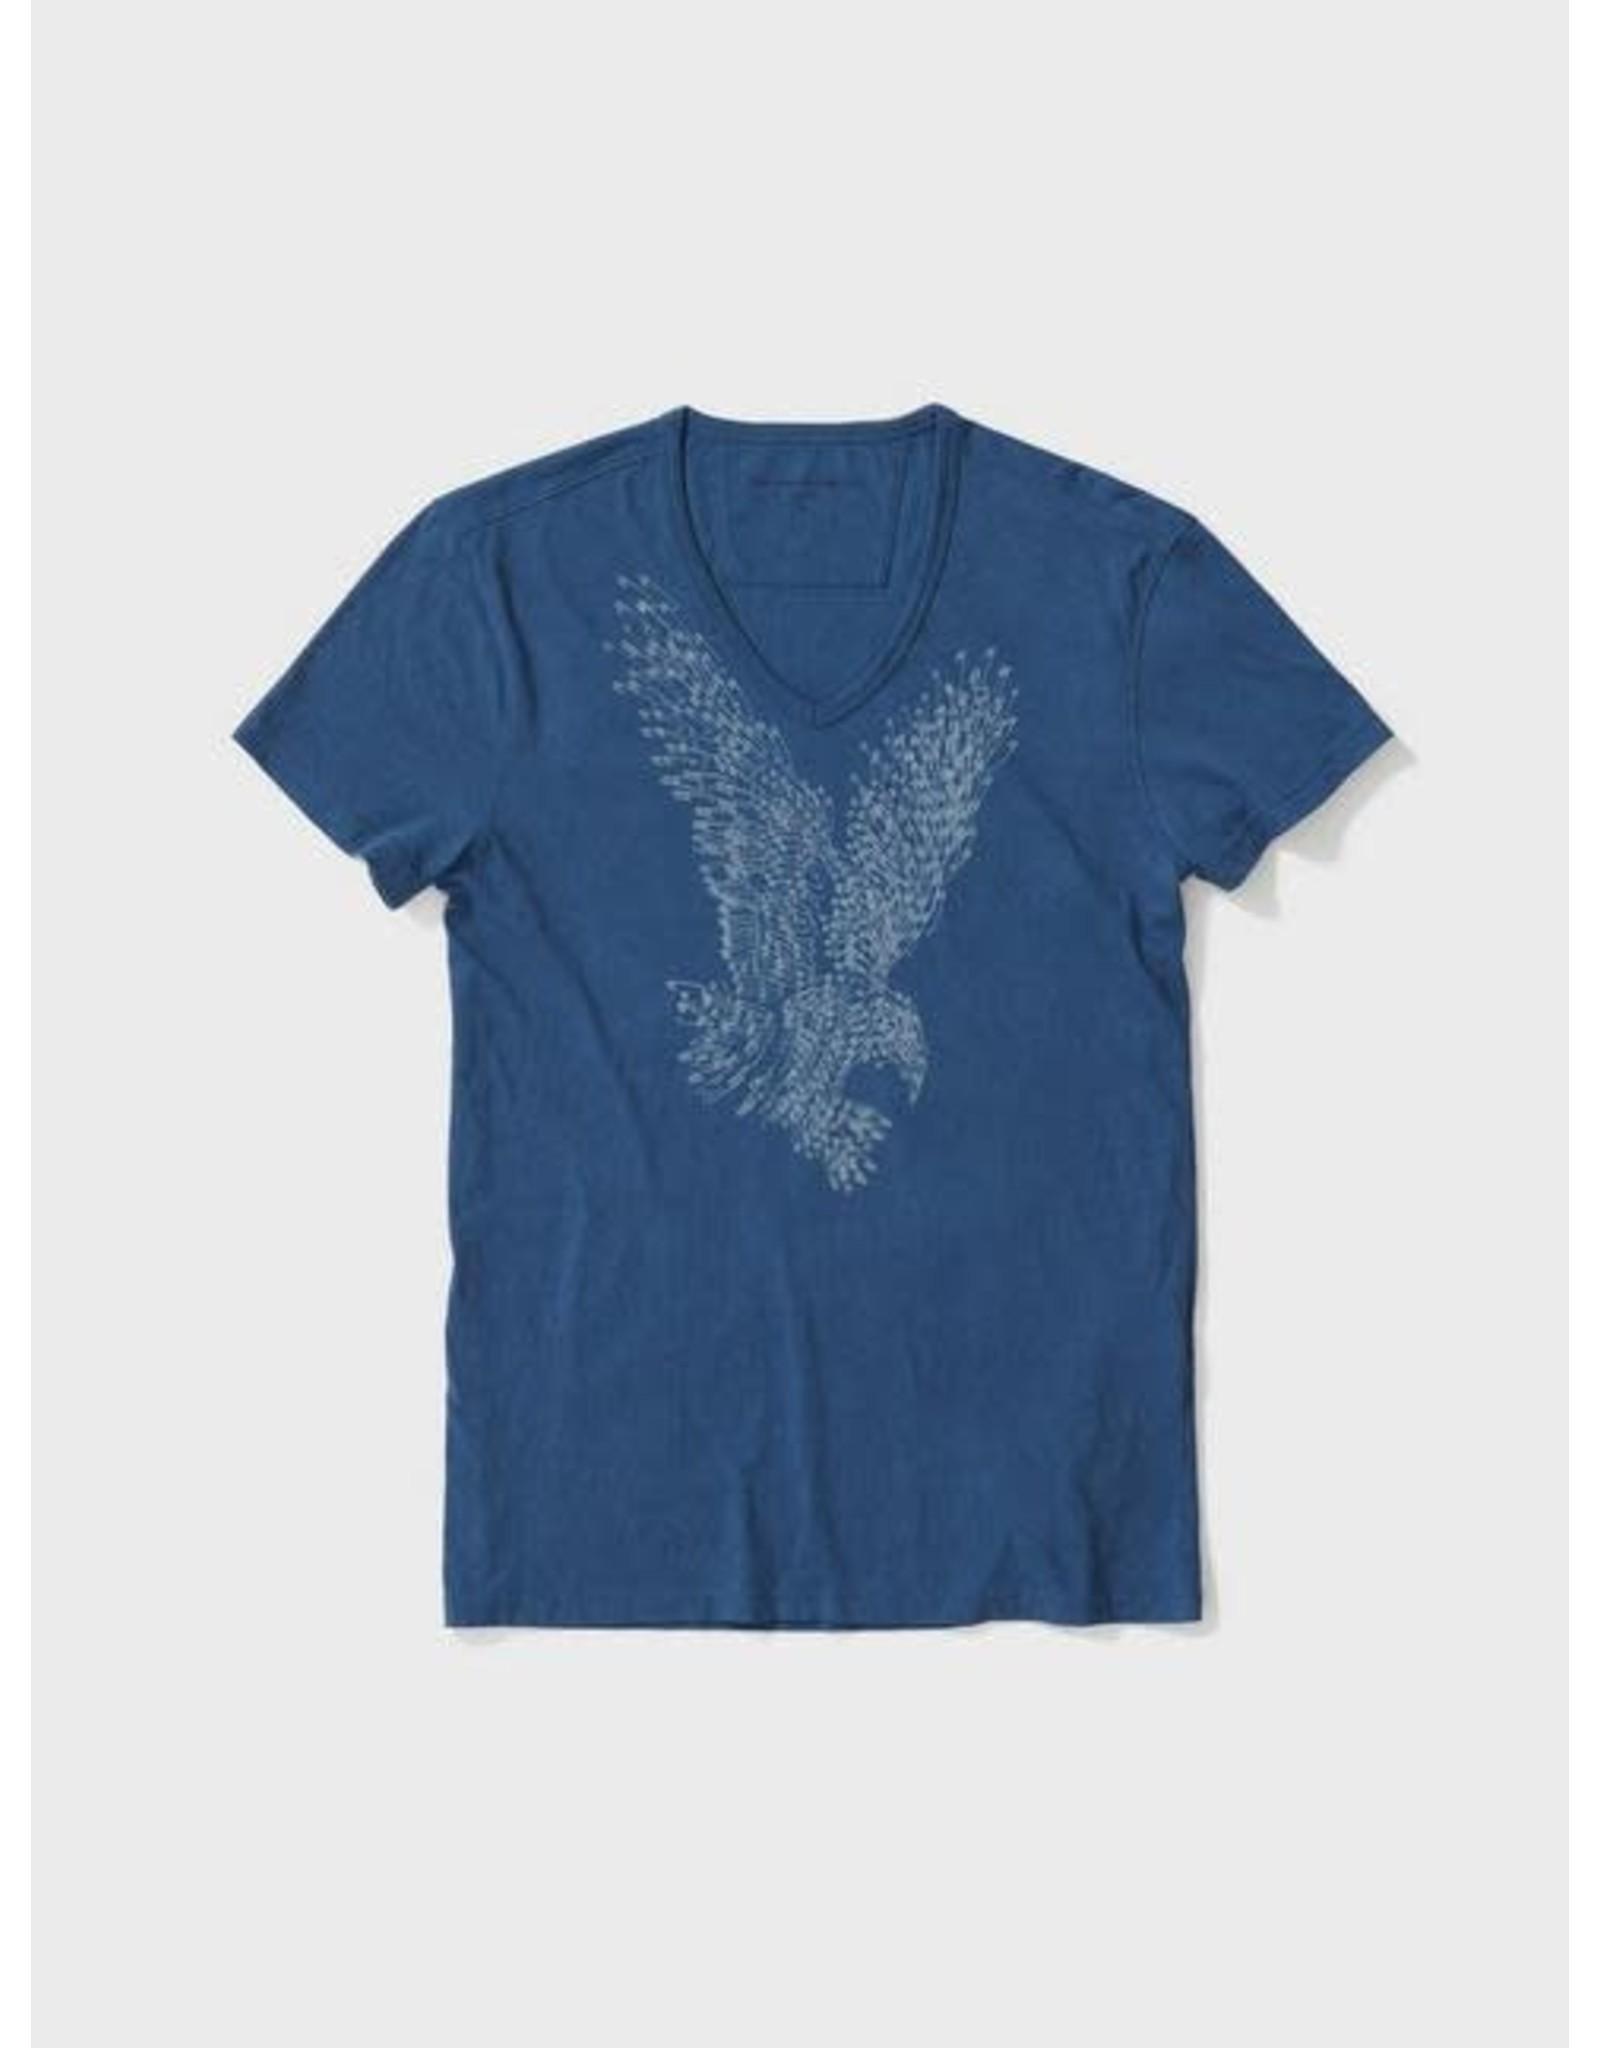 JOHN VARVATOS JOHN VARVATOS Eagle Pins Short Sleeve Graphic Tee